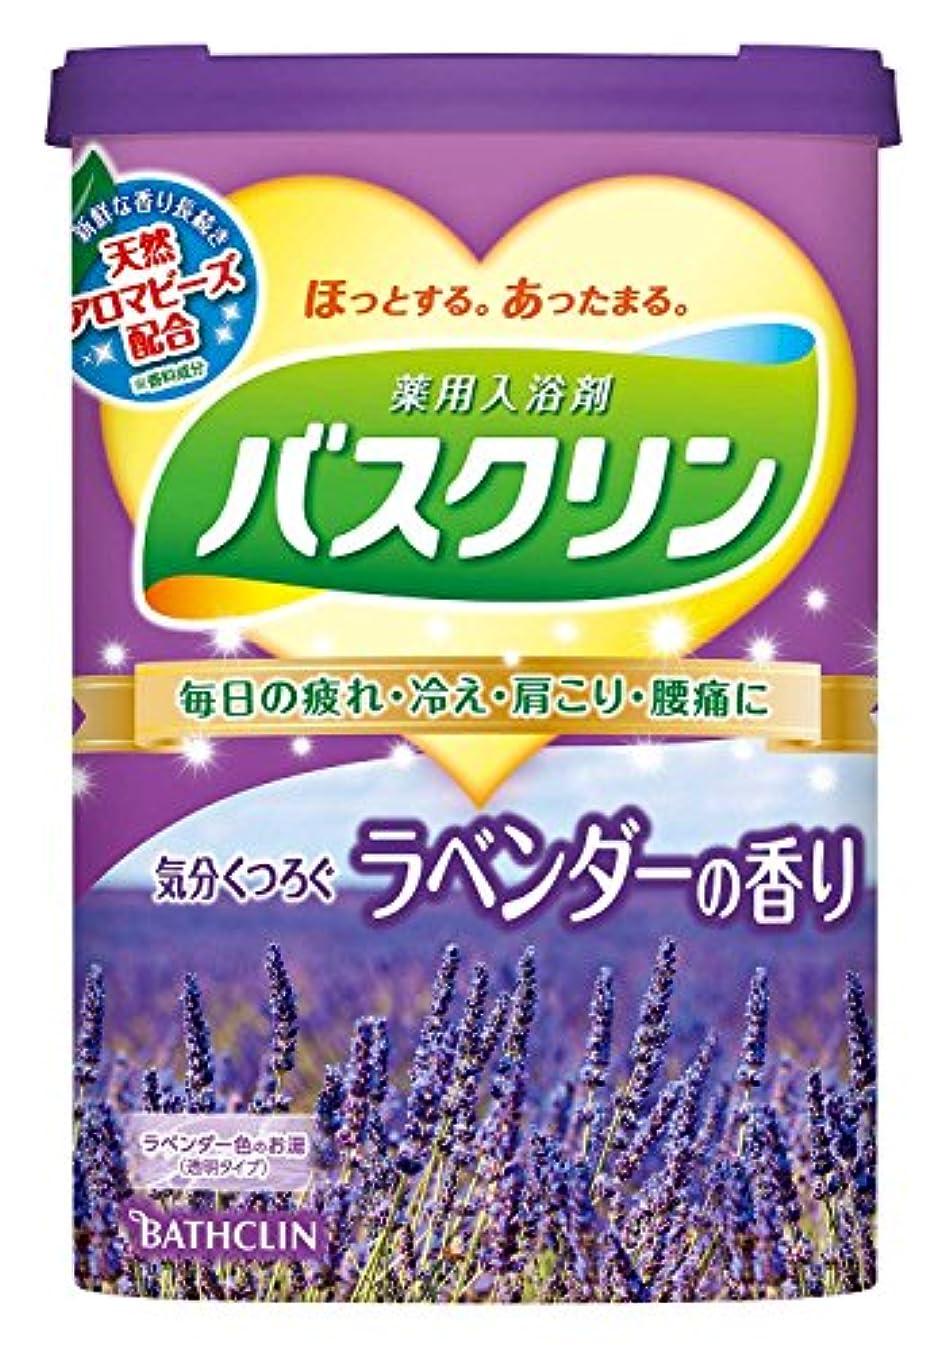 テロ男矢じり【医薬部外品】バスクリン ラベンダーの香り 600g 入浴剤